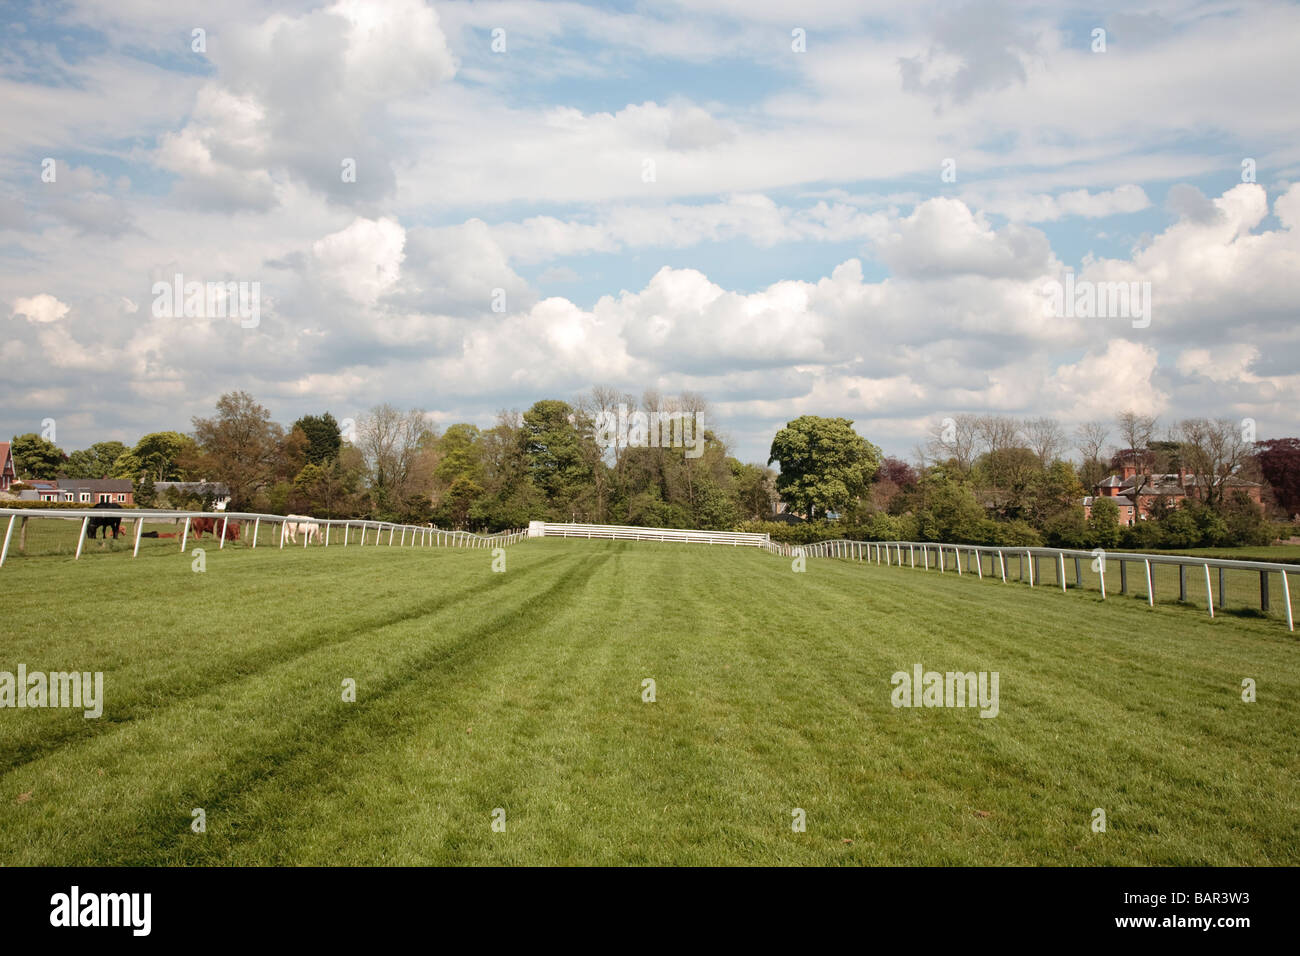 Race Course Beverley Westwood, Beverley, East Yorkshire, Inglaterra, Reino Unido. Imagen De Stock